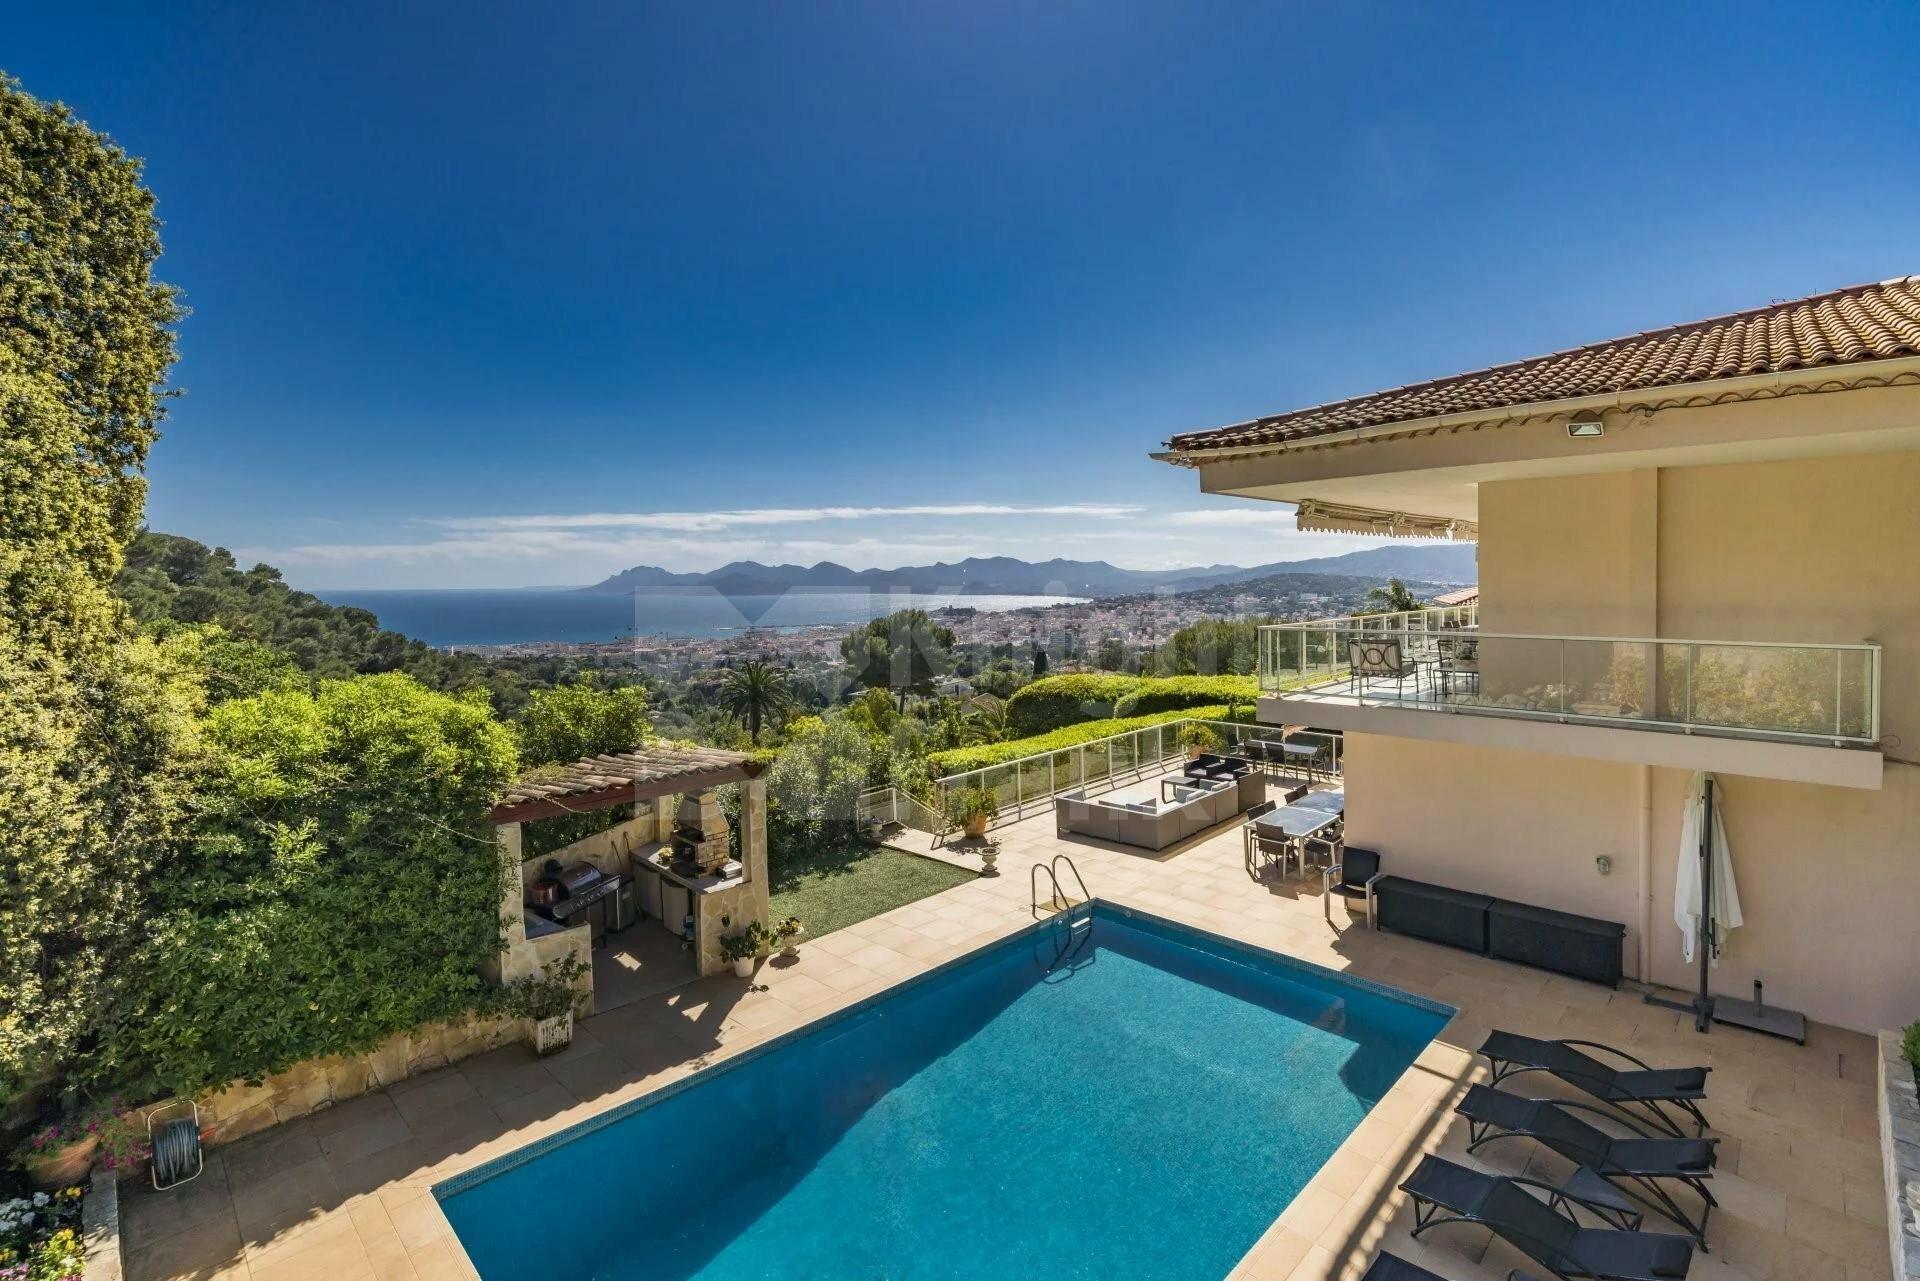 Villa in Cannes, Provence-Alpes-Côte d'Azur, France 1 - 11455619